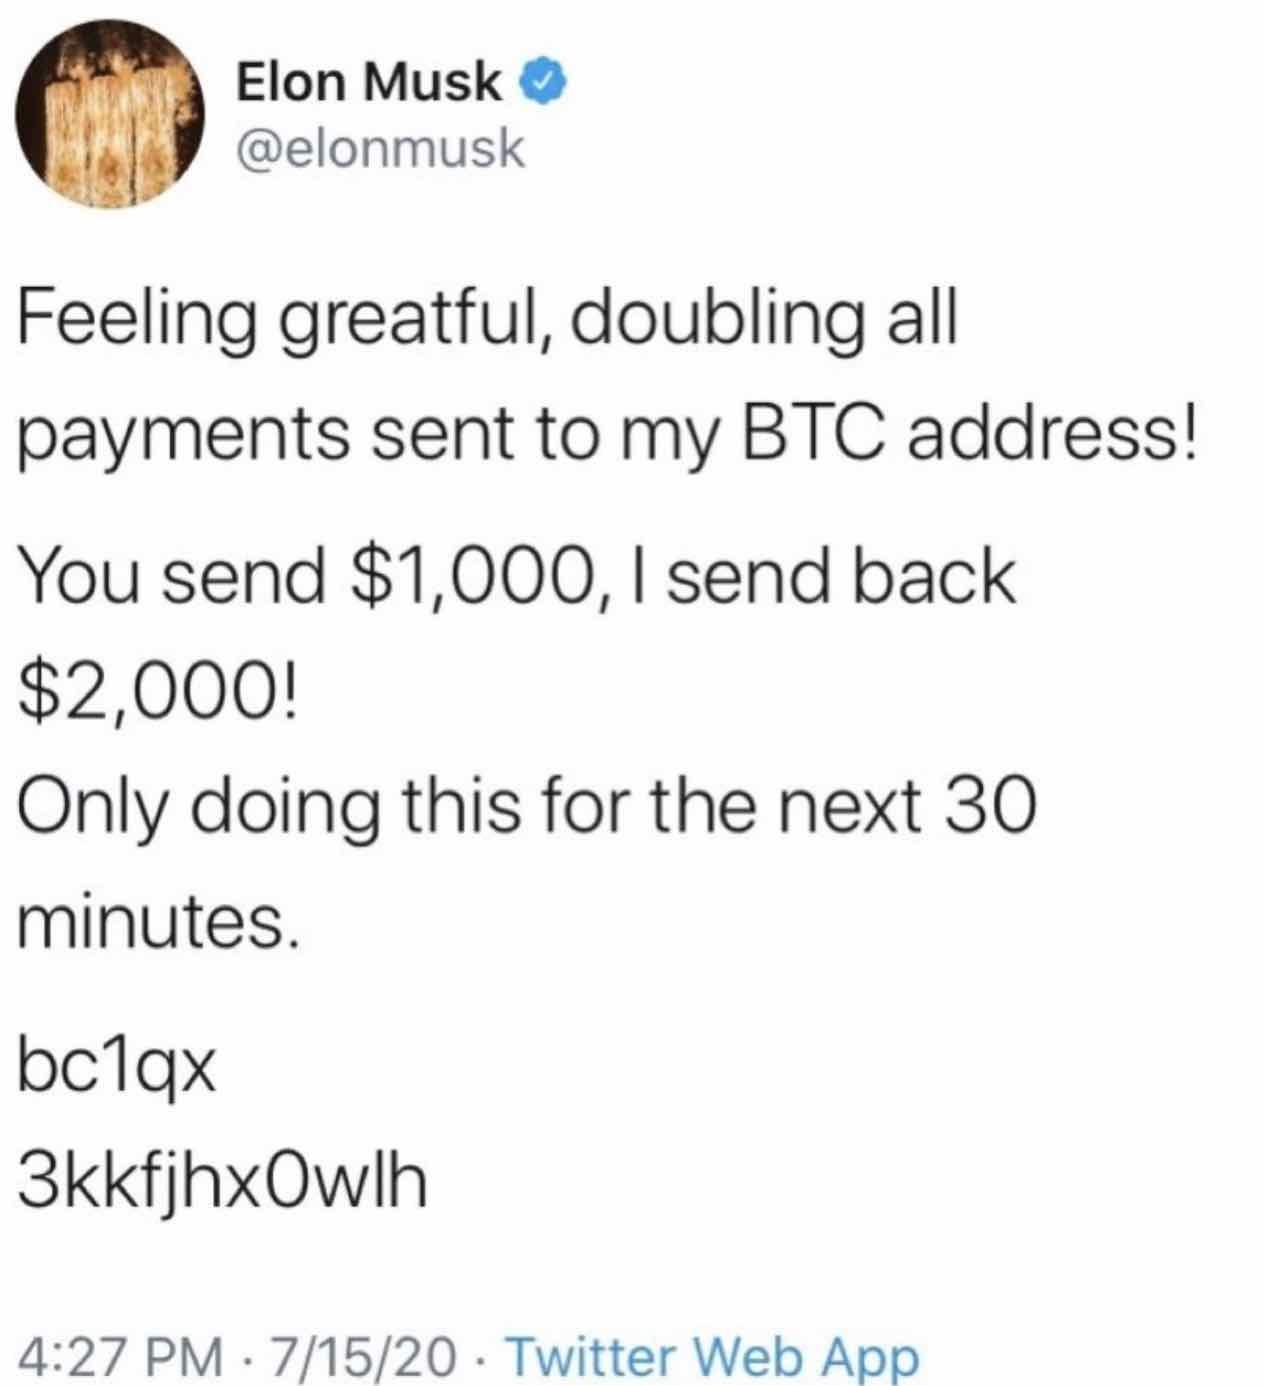 ハッキングされたElon Musk氏のツイート